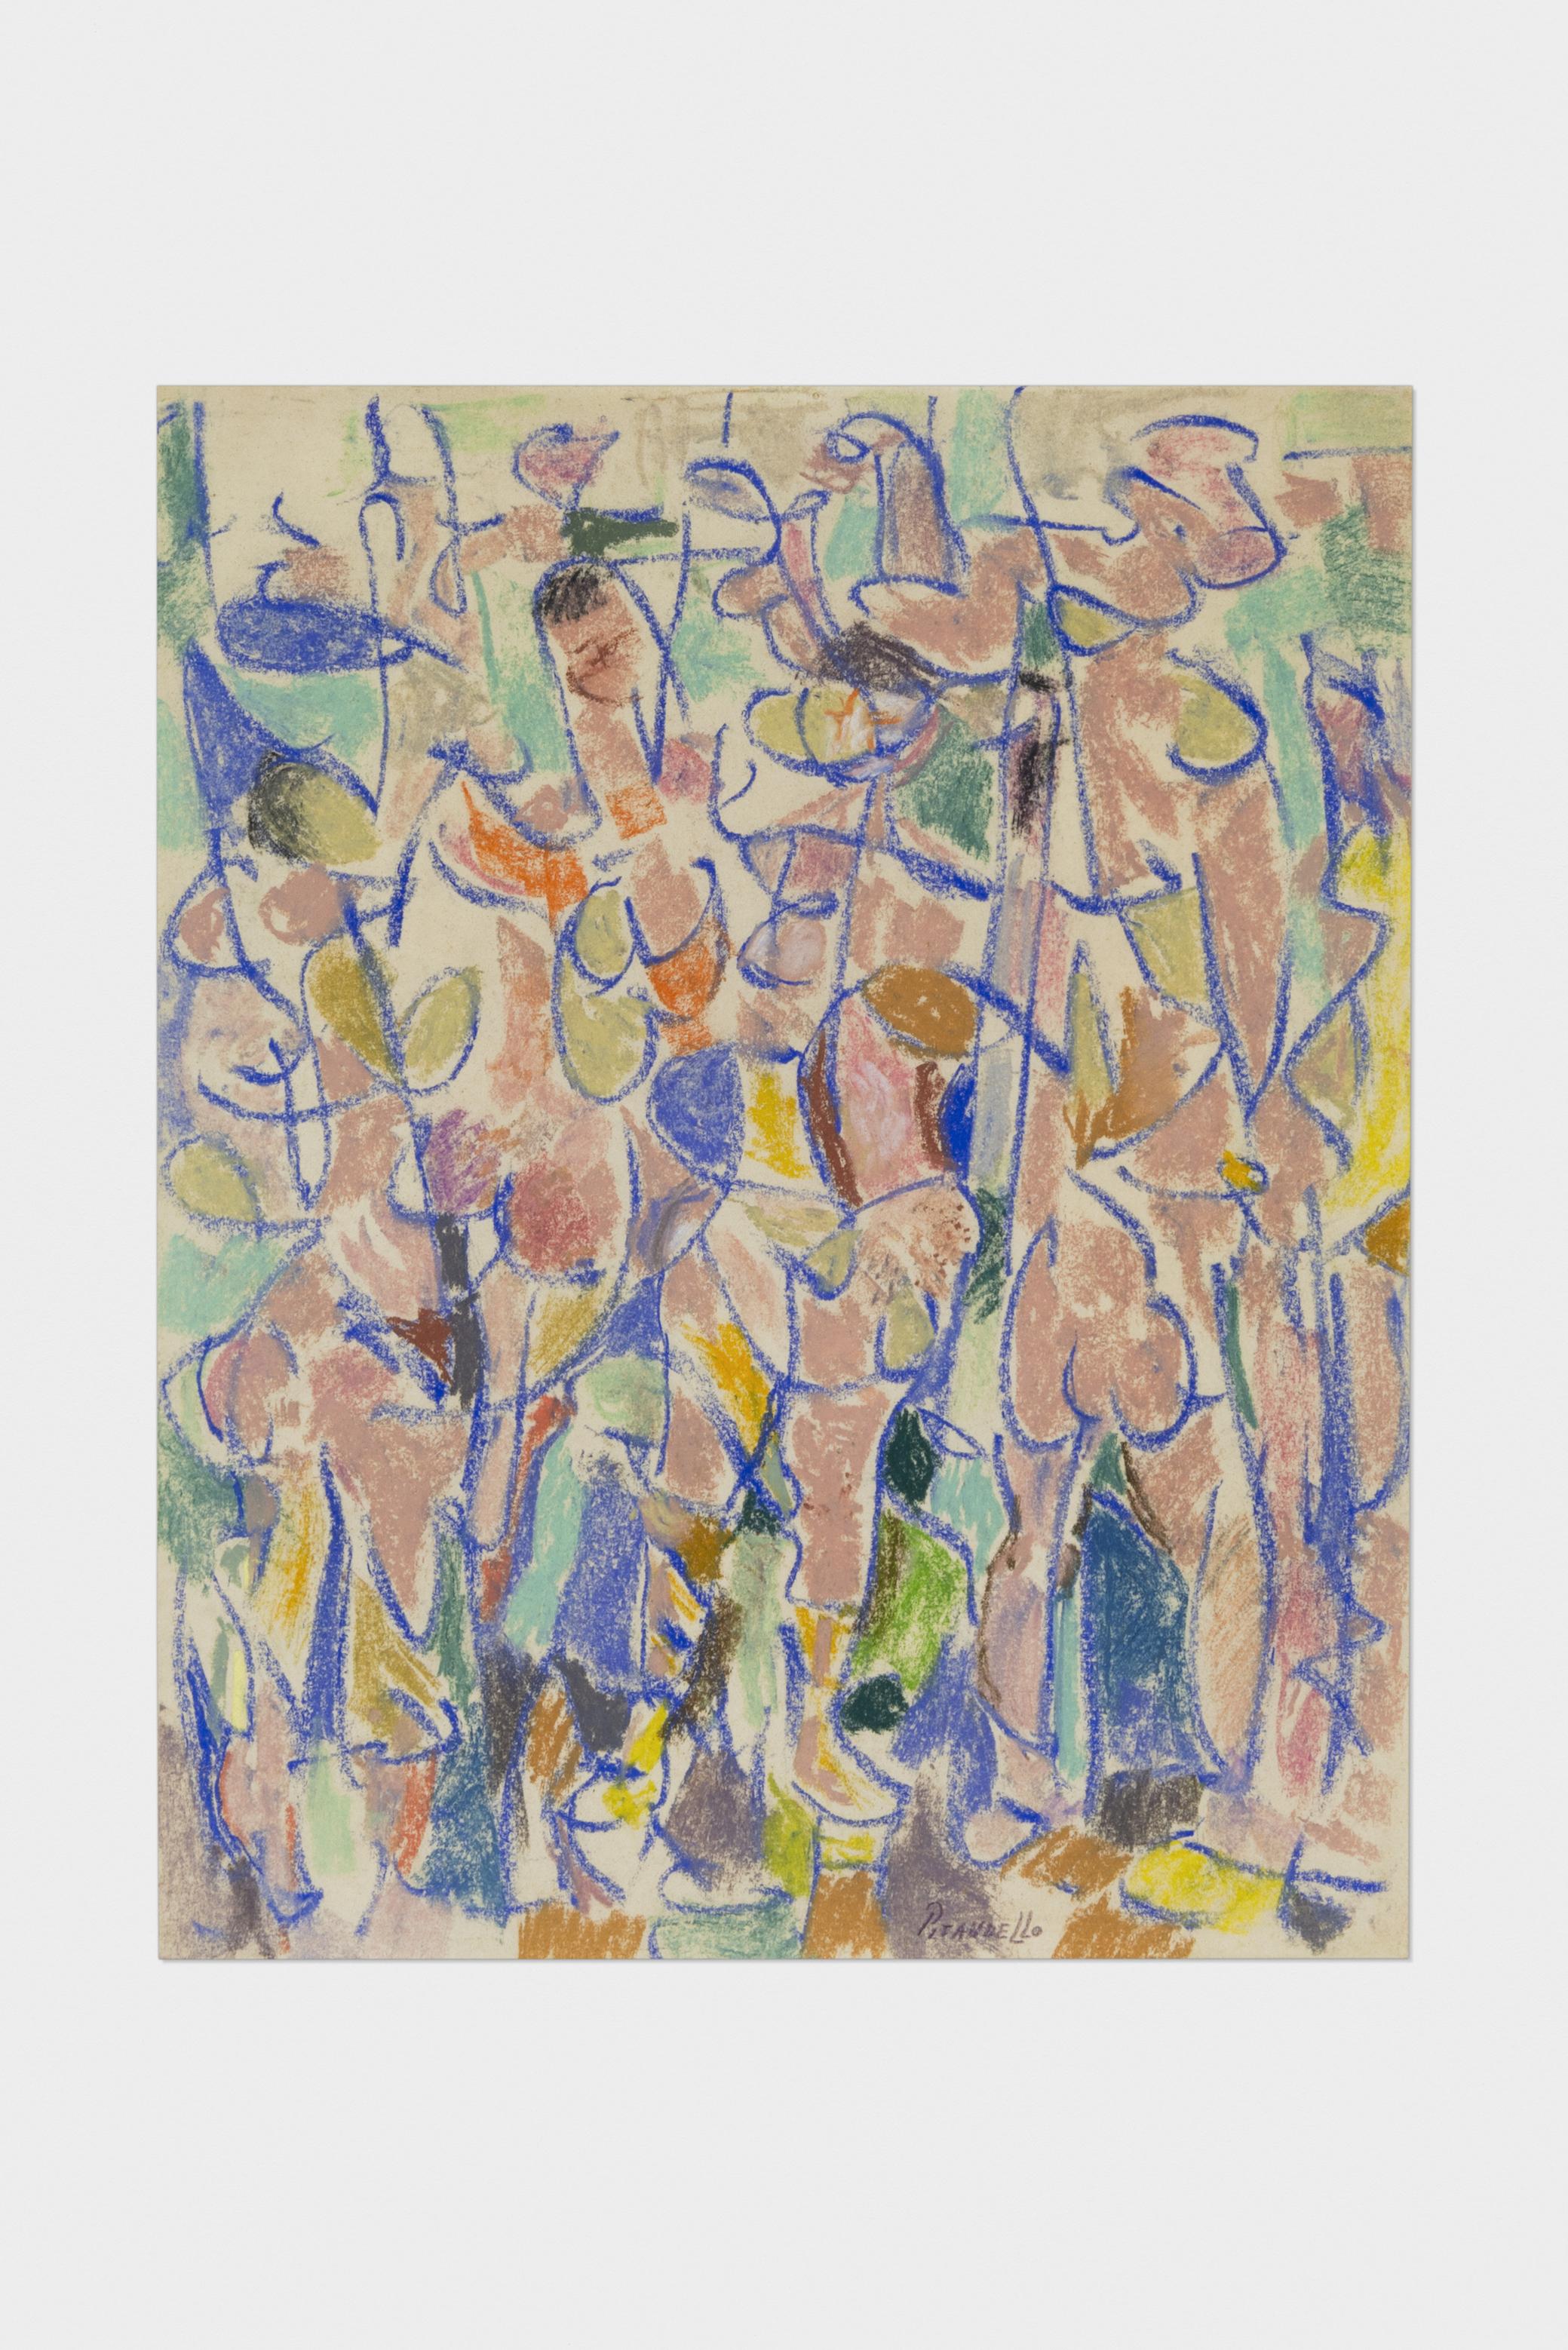 Fausto Pirandello, Bagnanti, 1957 circa, pastelli su carta